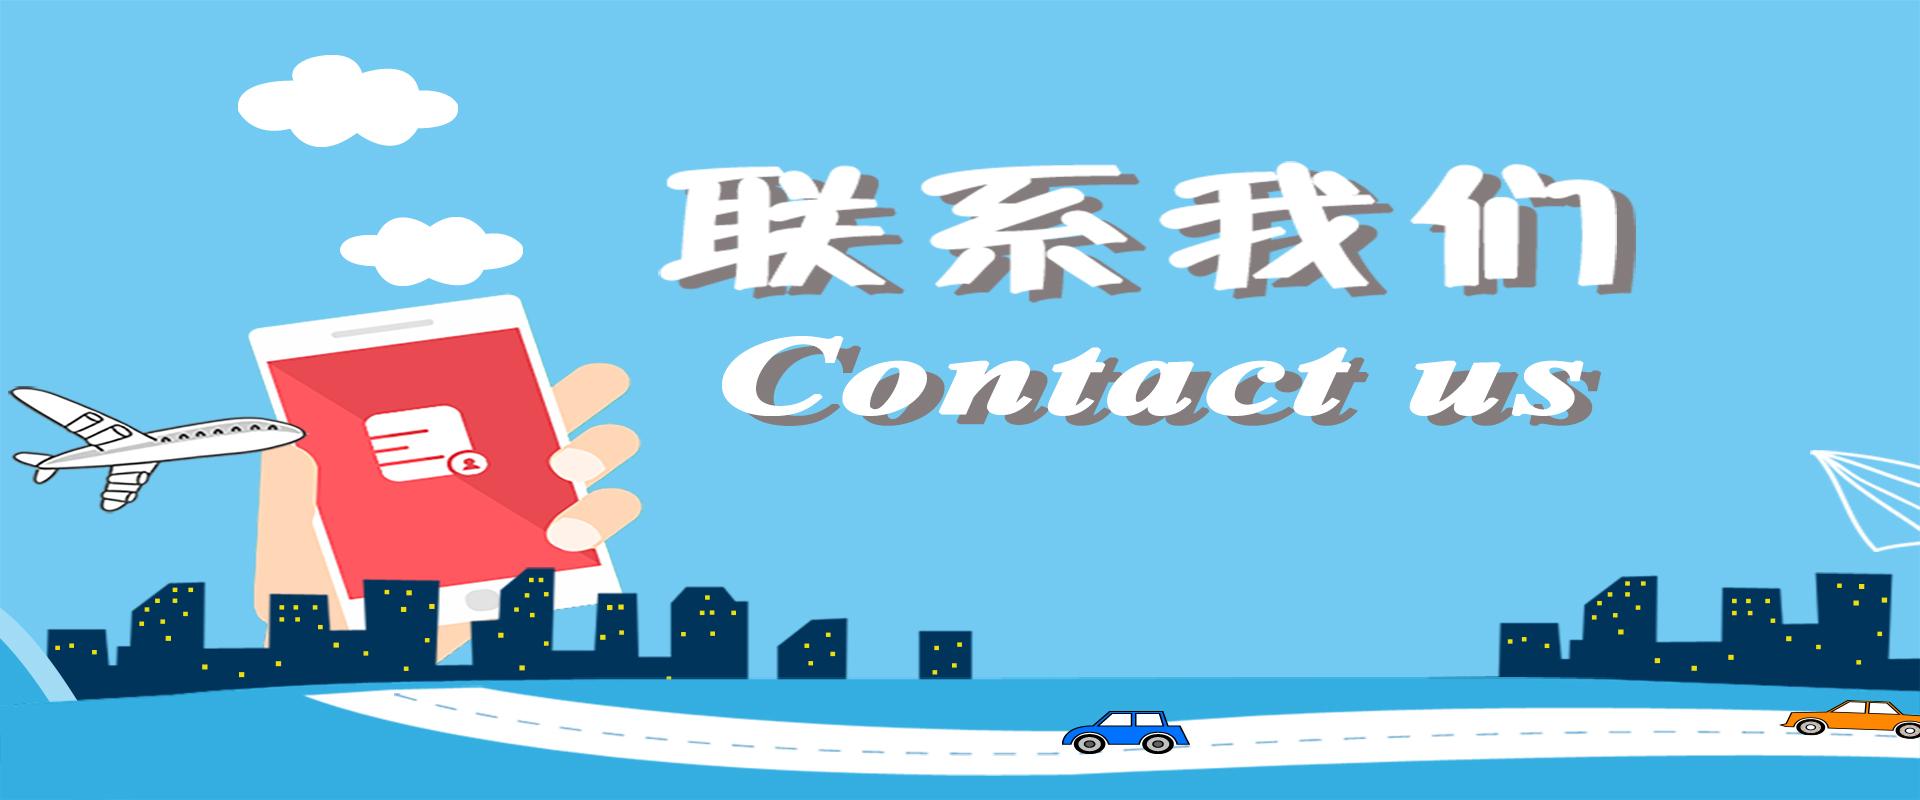 http://files.b2b.cn/skin/2018/0119/9b7111befa34f70e75dc7e2da996cfb1.jpg图片